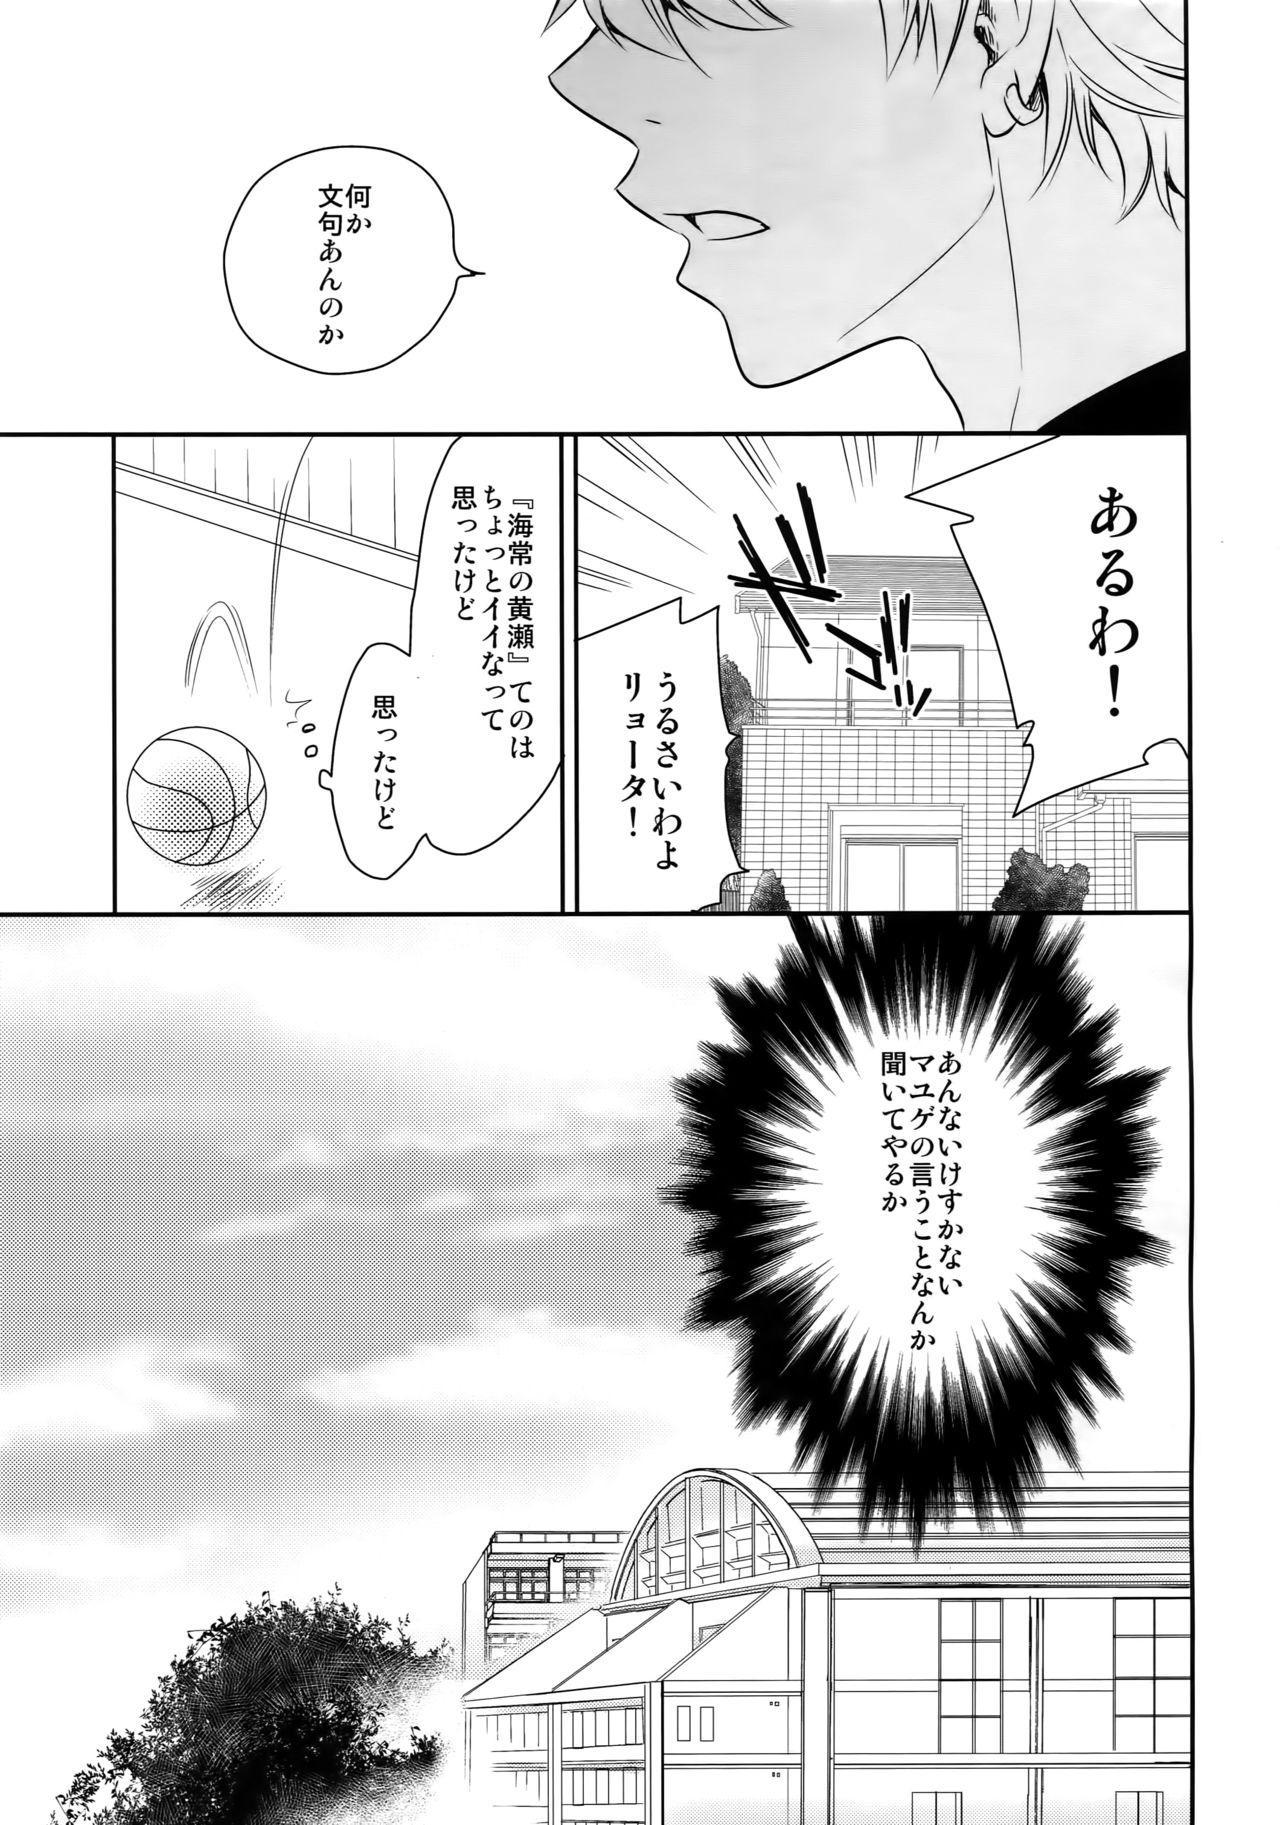 [Bakuchi Jinsei SP (Satsuki Fumi)] Kanpeki Kareshi to Zettai Ryouiki Ouji-sama - Another Version - (Kuroko no Basket) 9